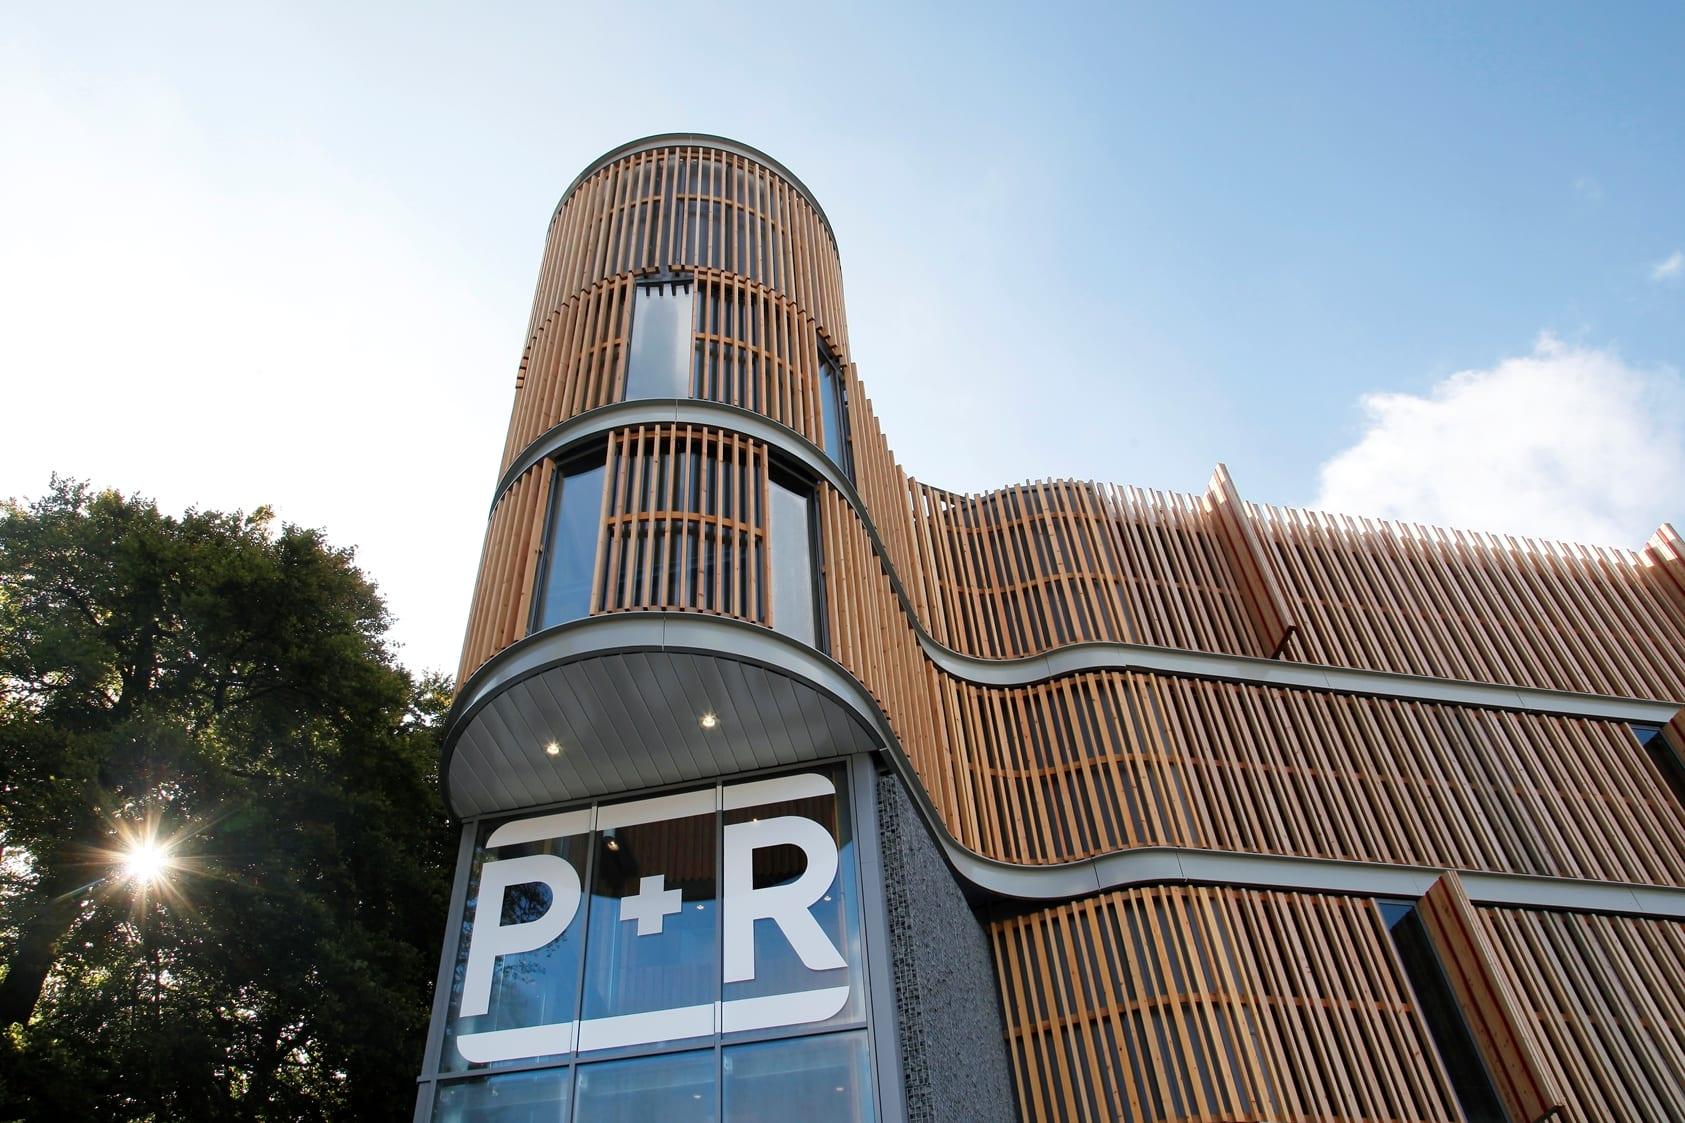 Energieneutrale parkeergarage Driebergen-Zeist